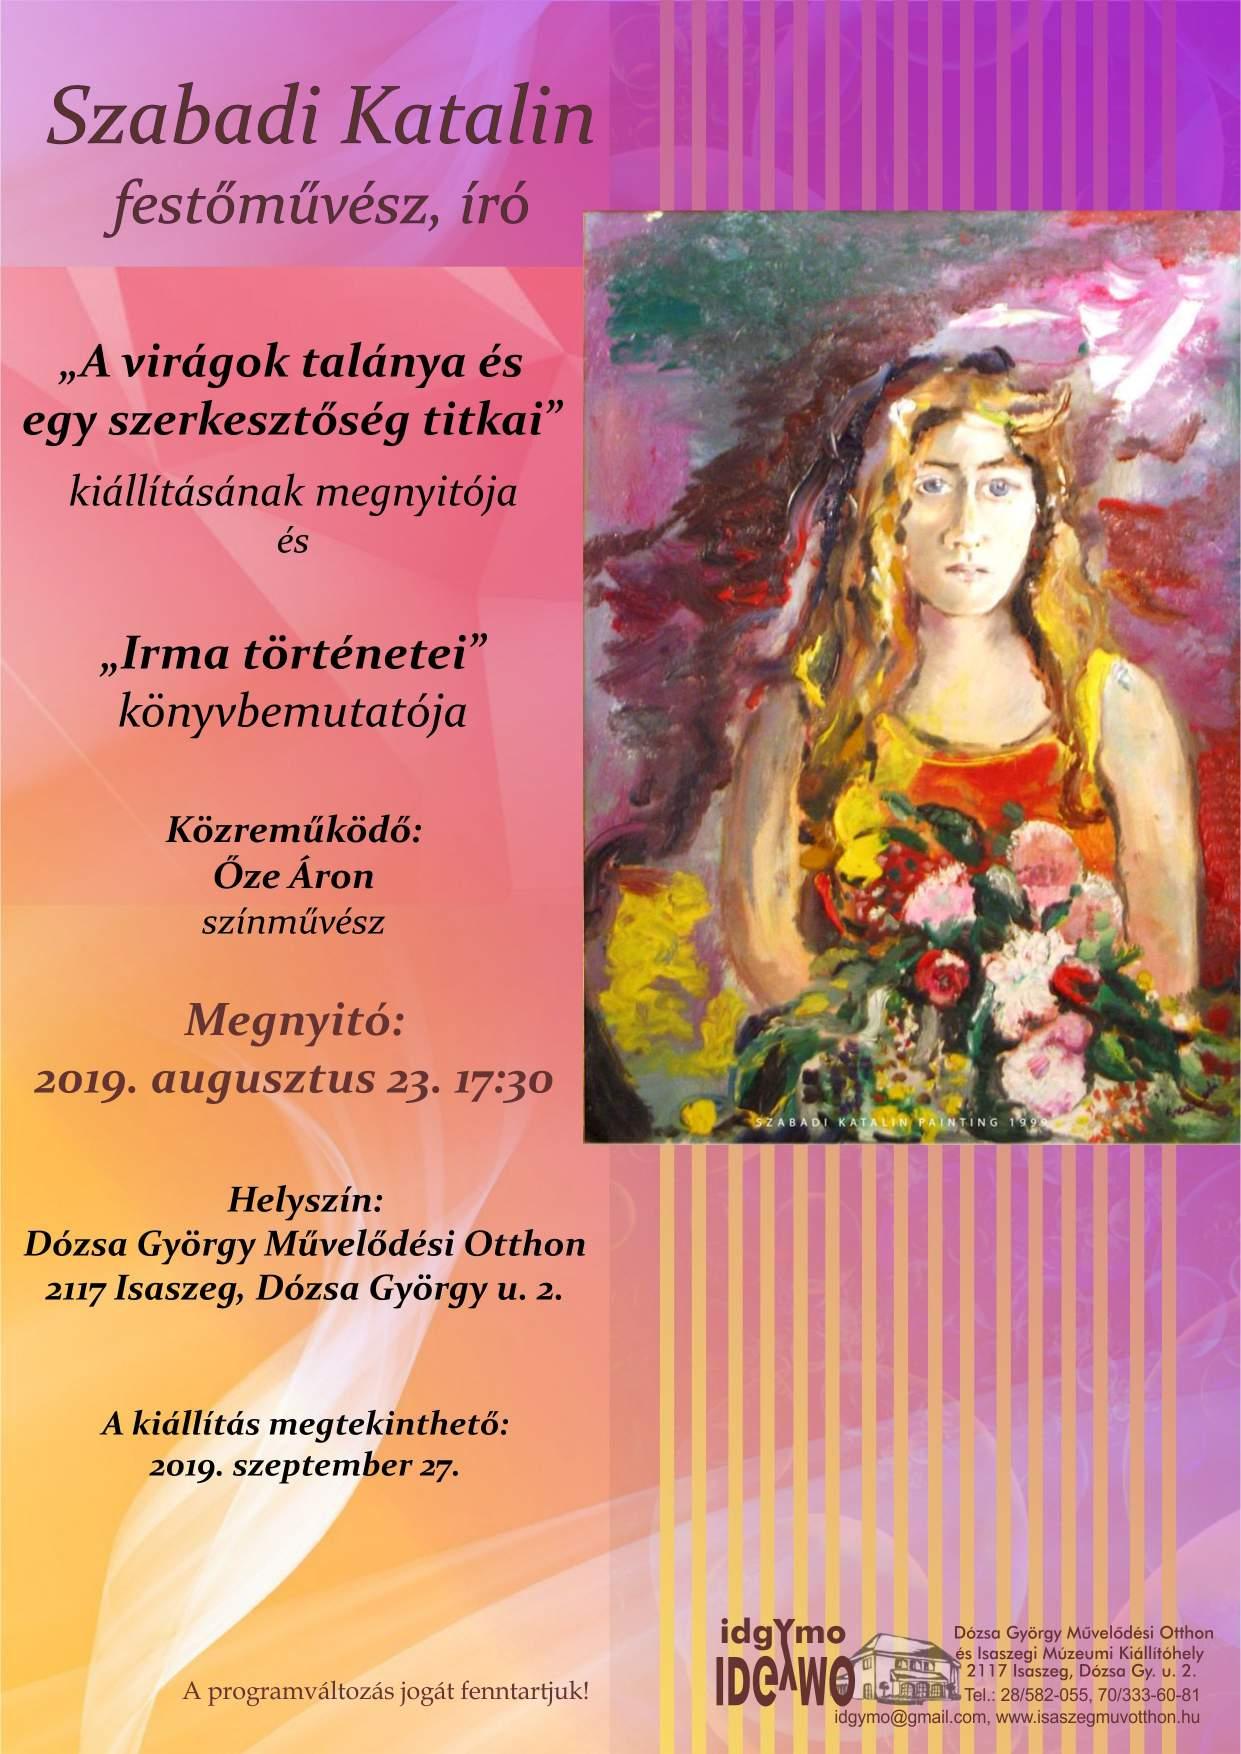 Szabadi Katalin festőművész, író kiállításmegnyitója